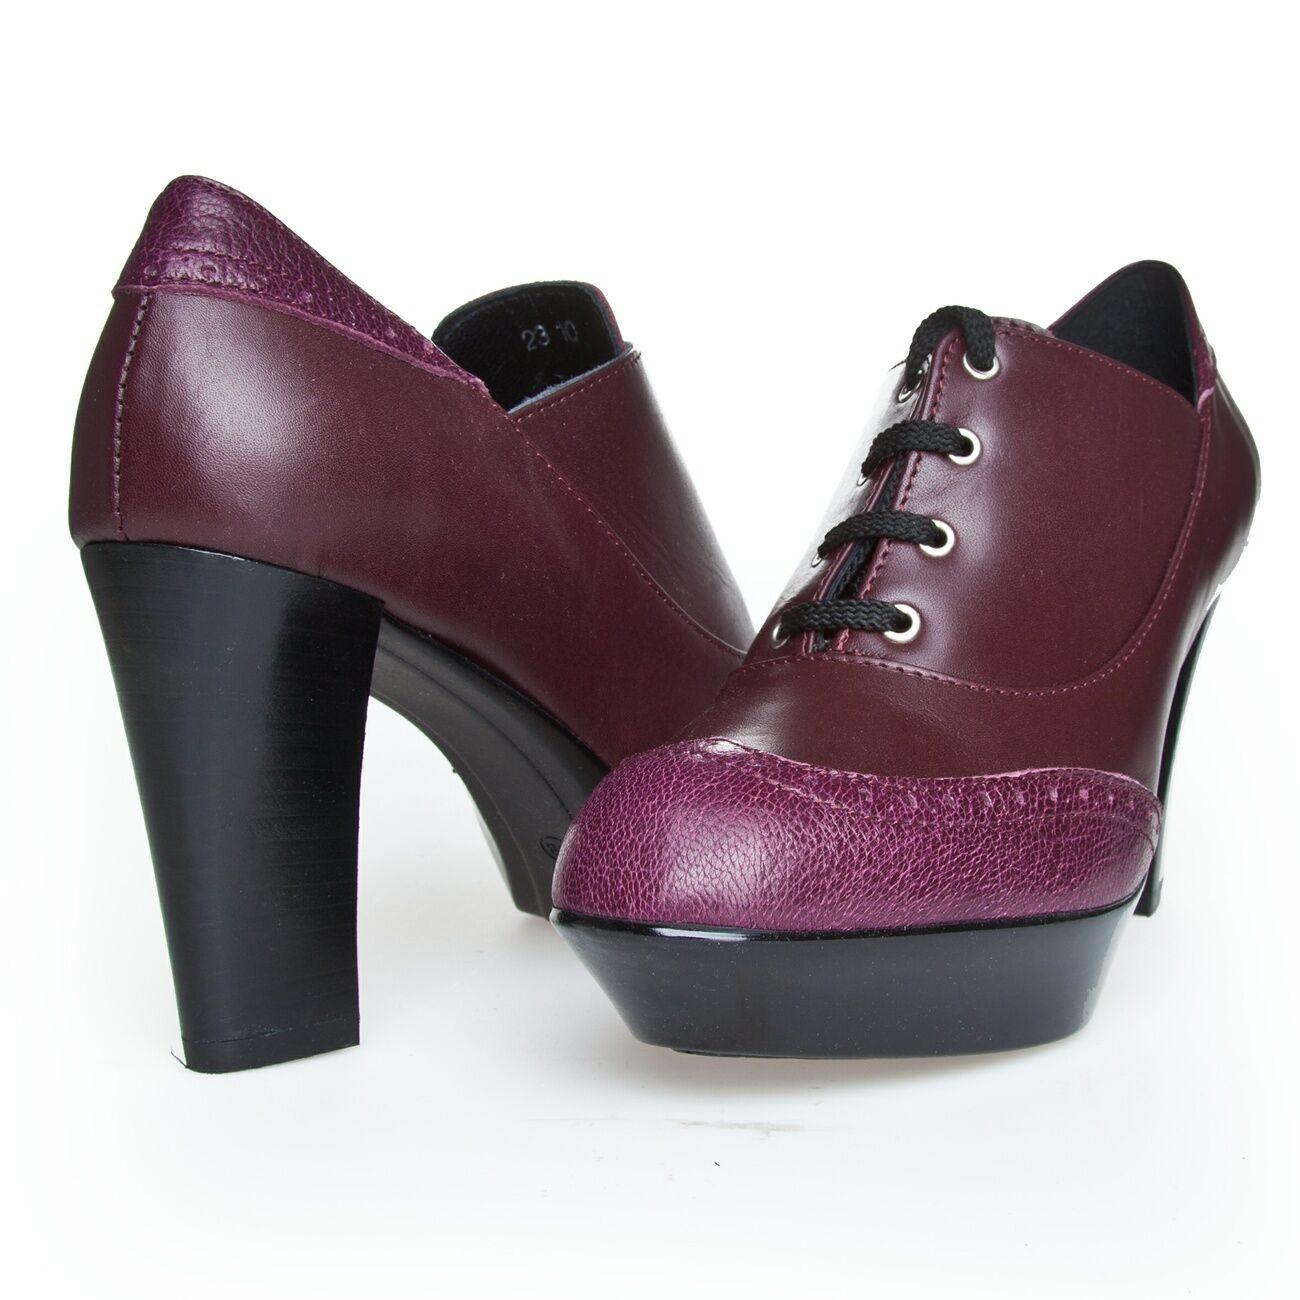 SCHOLL Alicia f23190 (Púrpura 1066) Zapatos Mujer Tacones Púrpura altos, Púrpura Tacones b68db3